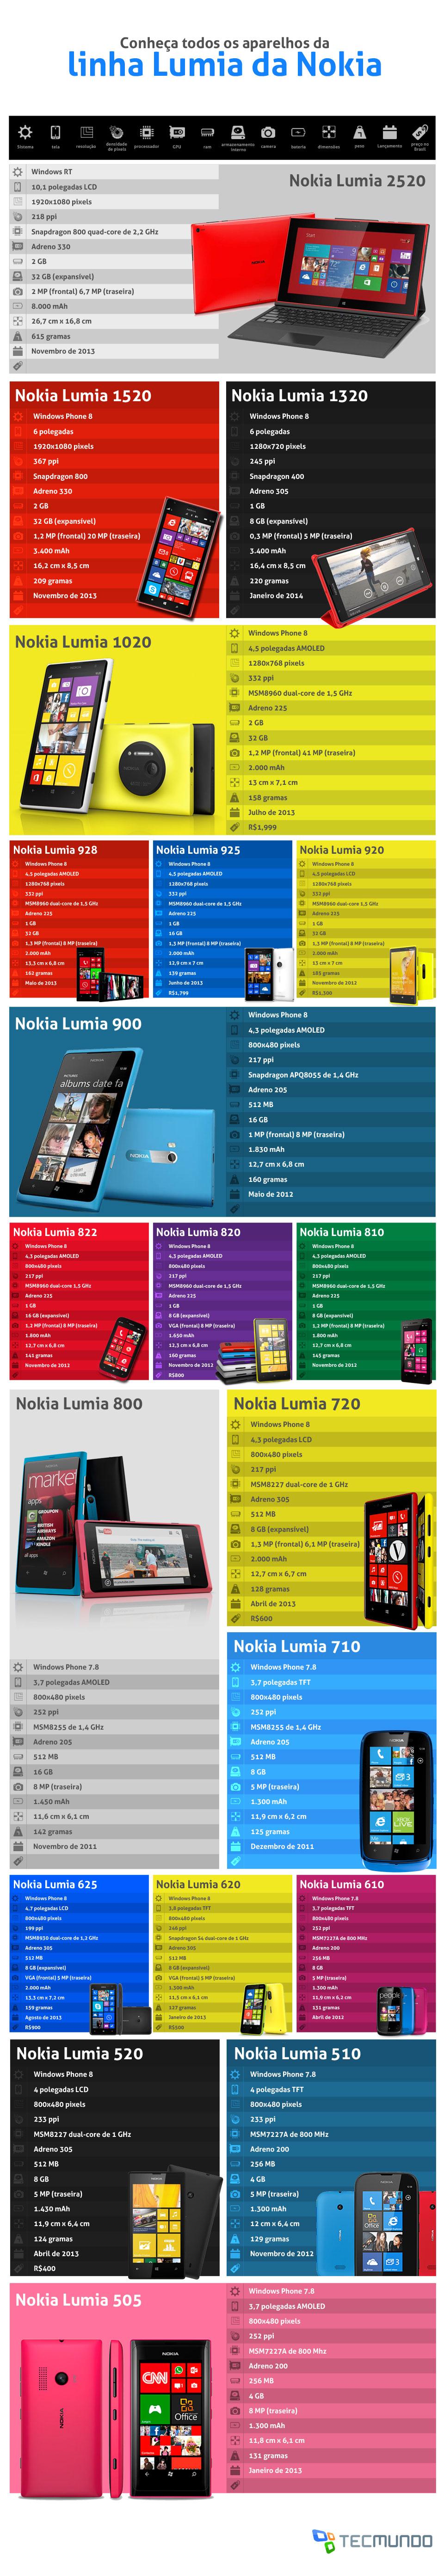 Conheça todos os aparelhos Nokia da linha Lumia [tabela]